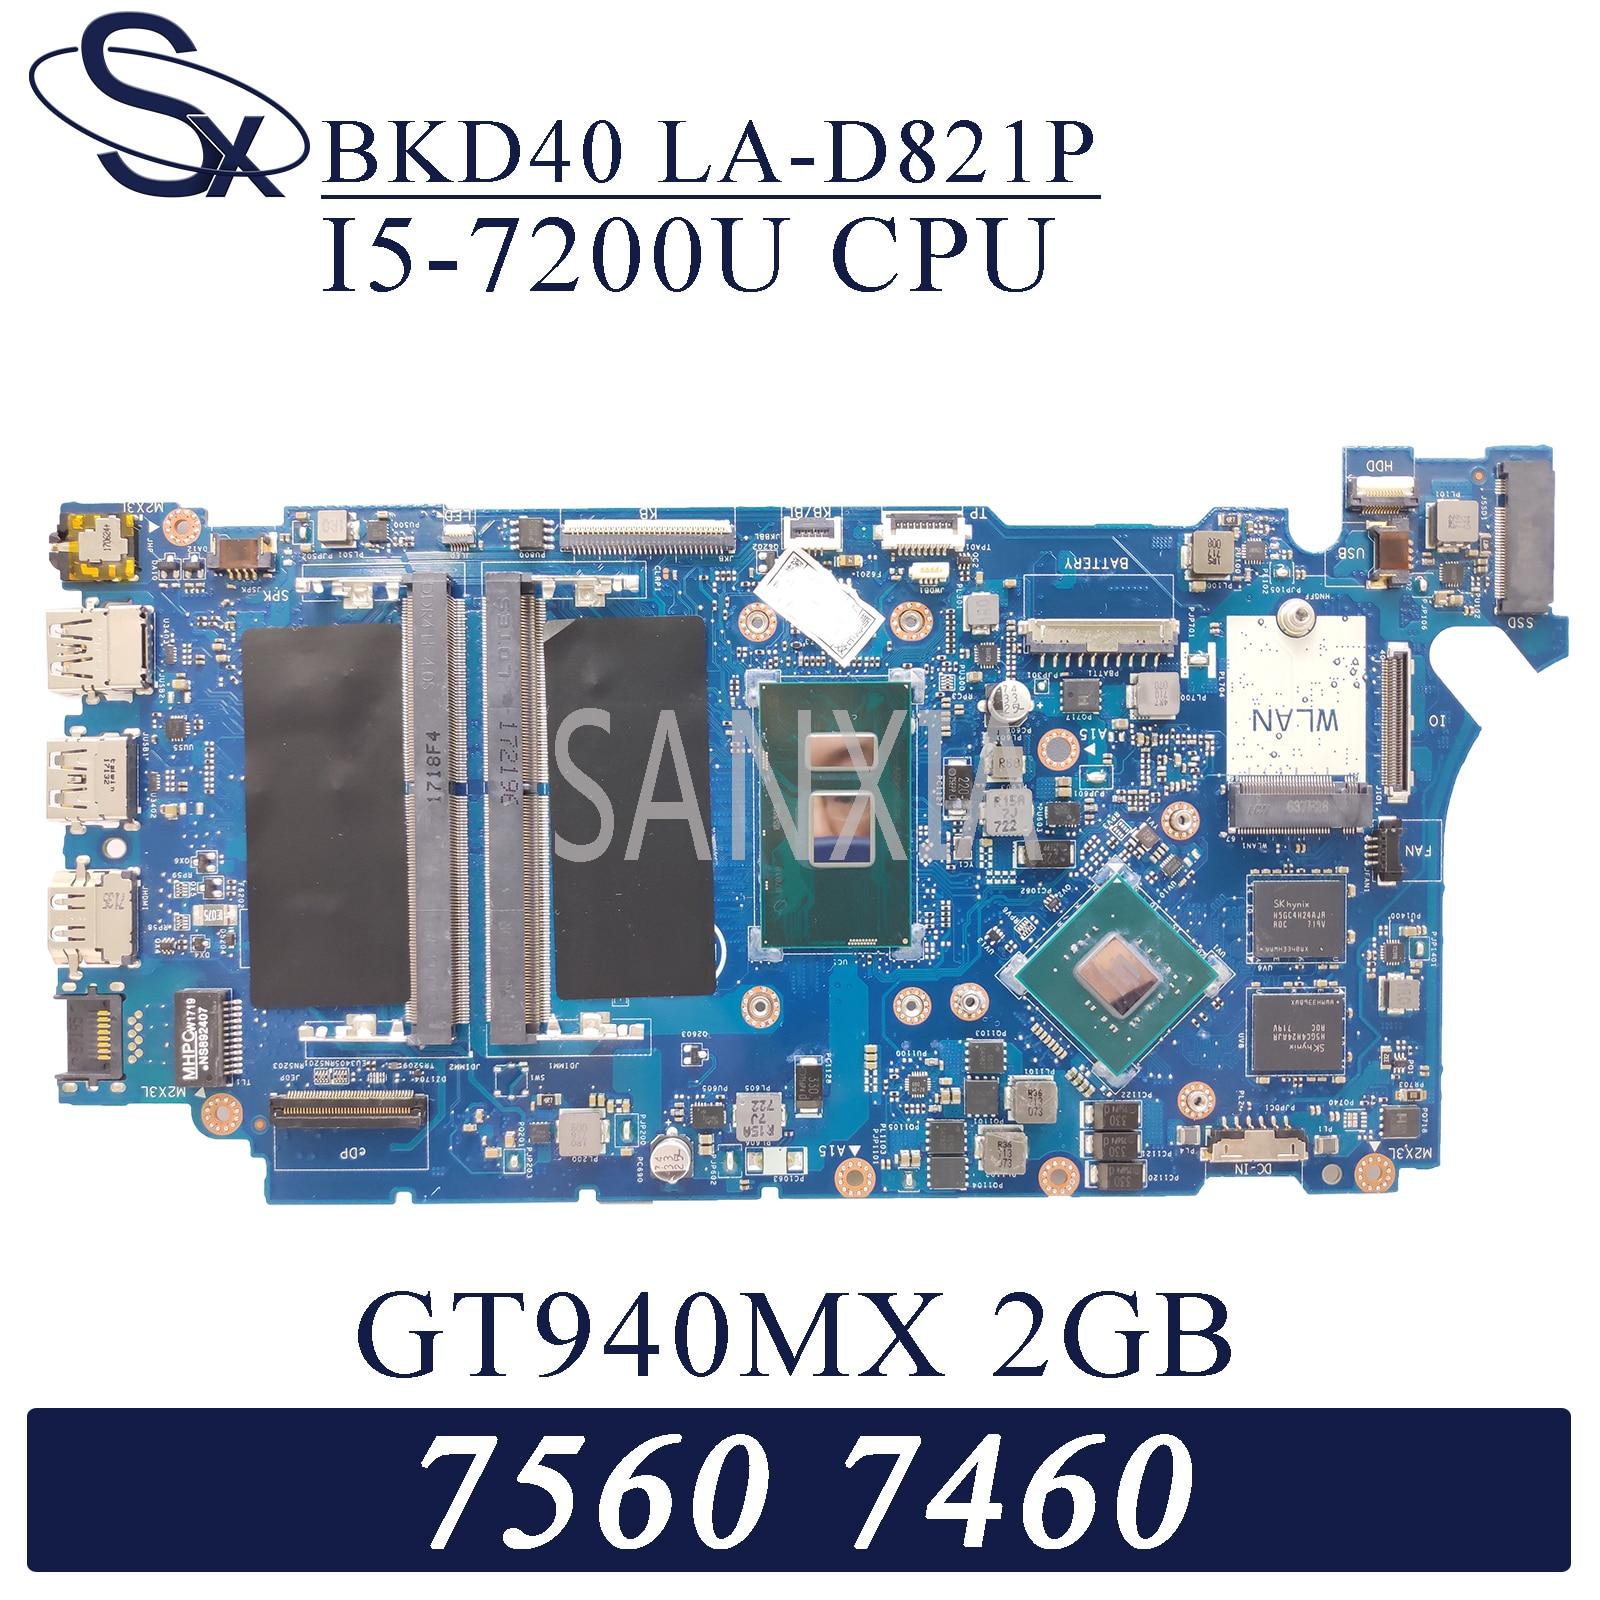 KEFU BKD40 LA-D821P اللوحة الأم لأجهزة الكمبيوتر المحمول ديل انسبايرون 15-7560 14-7460 اللوحة الرئيسية الأصلية I5-7200U GT940MX